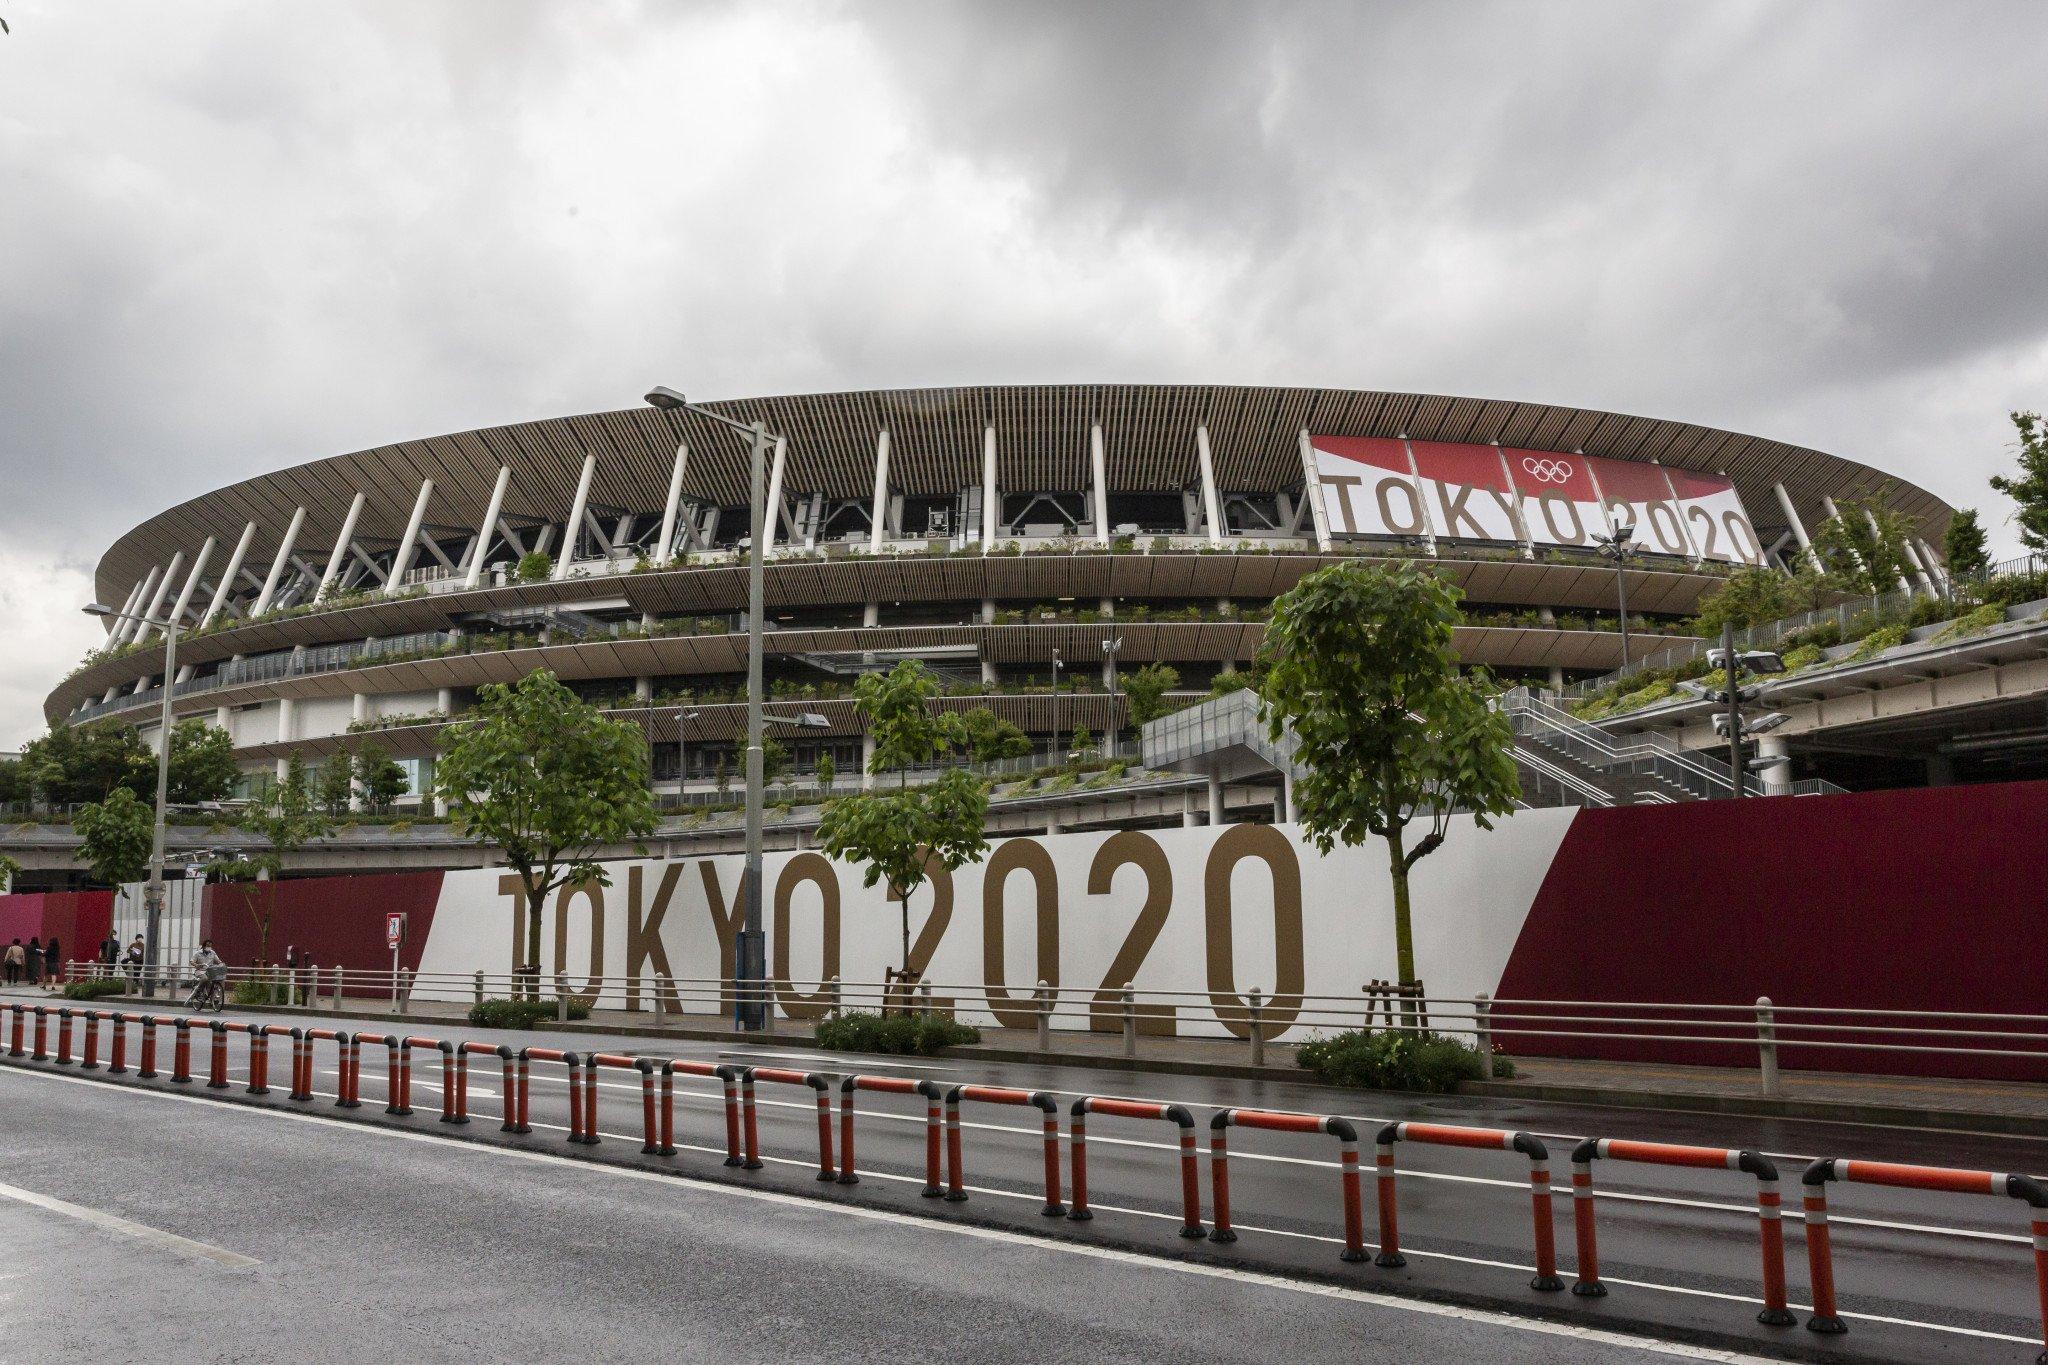 Organizadores solo permitirán VIP en la ceremonia de apertura de Tokio 2020